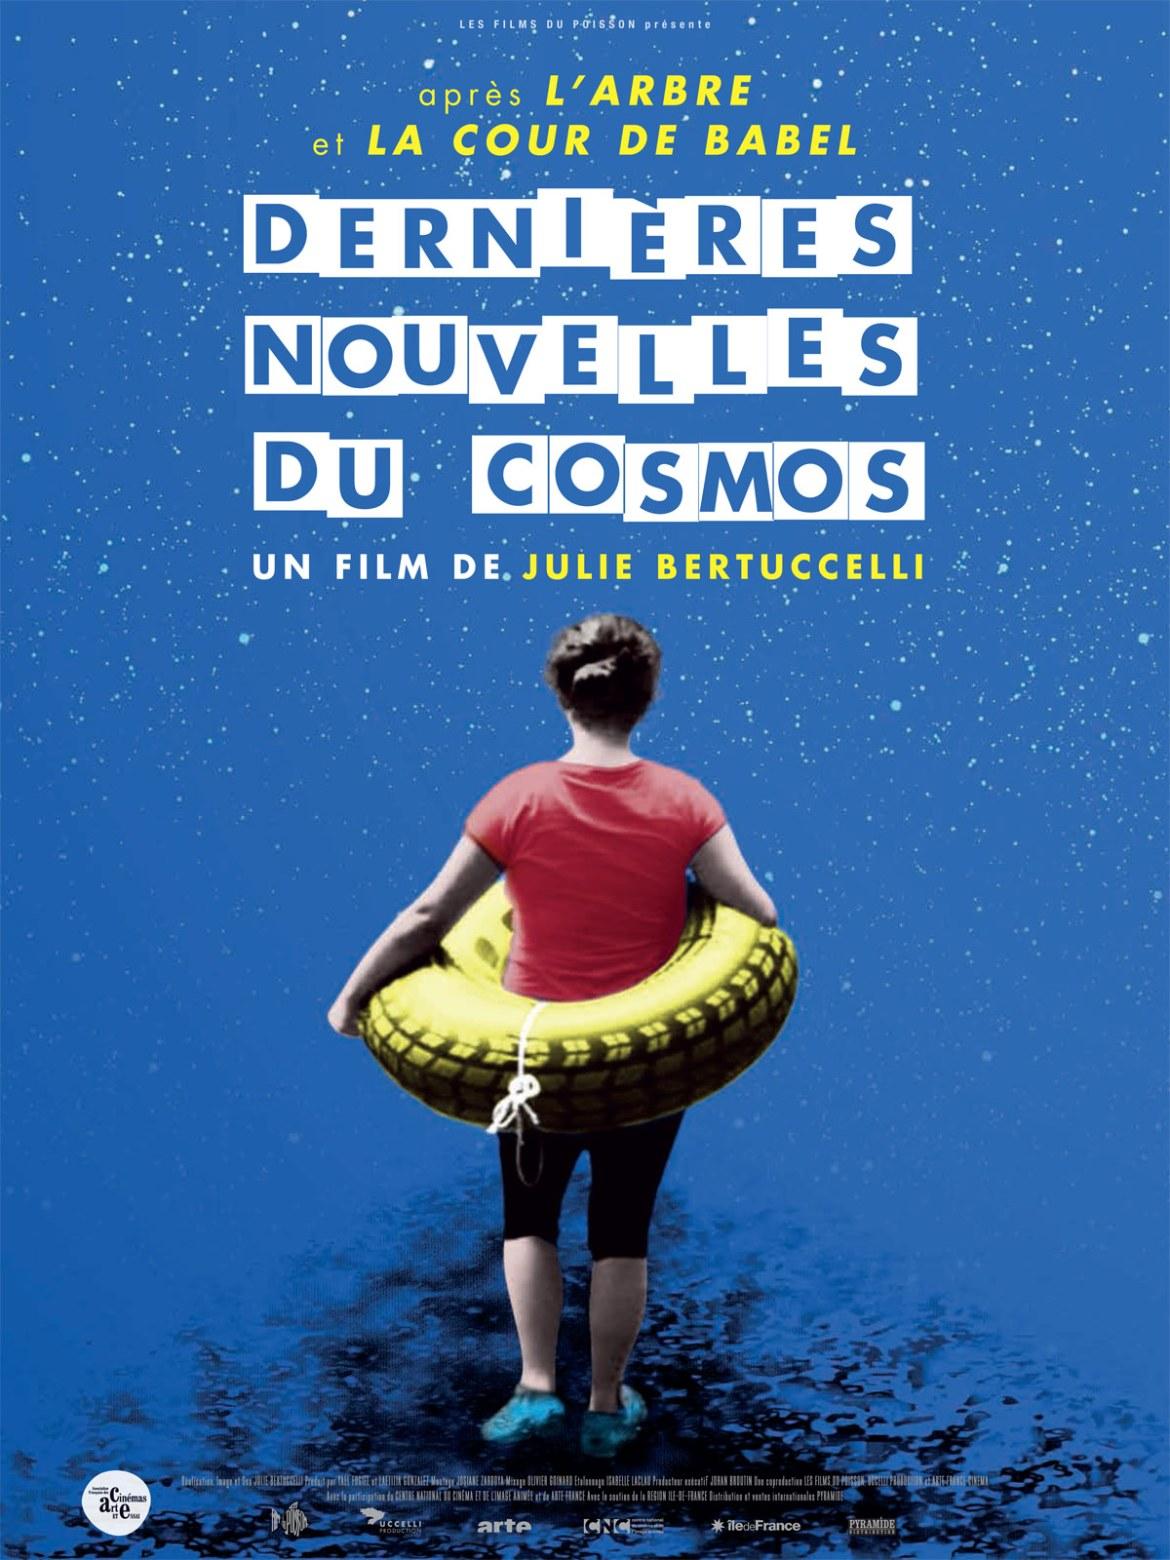 """Toute l'équipe du ciné-débat vous présente leurs meilleurs vœux et vous convie au Ciné Débat Santé Mentale, le samedi 28 janvier 2017, 17h, Cinéma du Clermontois, autour du film """"Dernières nouvelles du cosmos"""" de Julie Bertuccelli."""